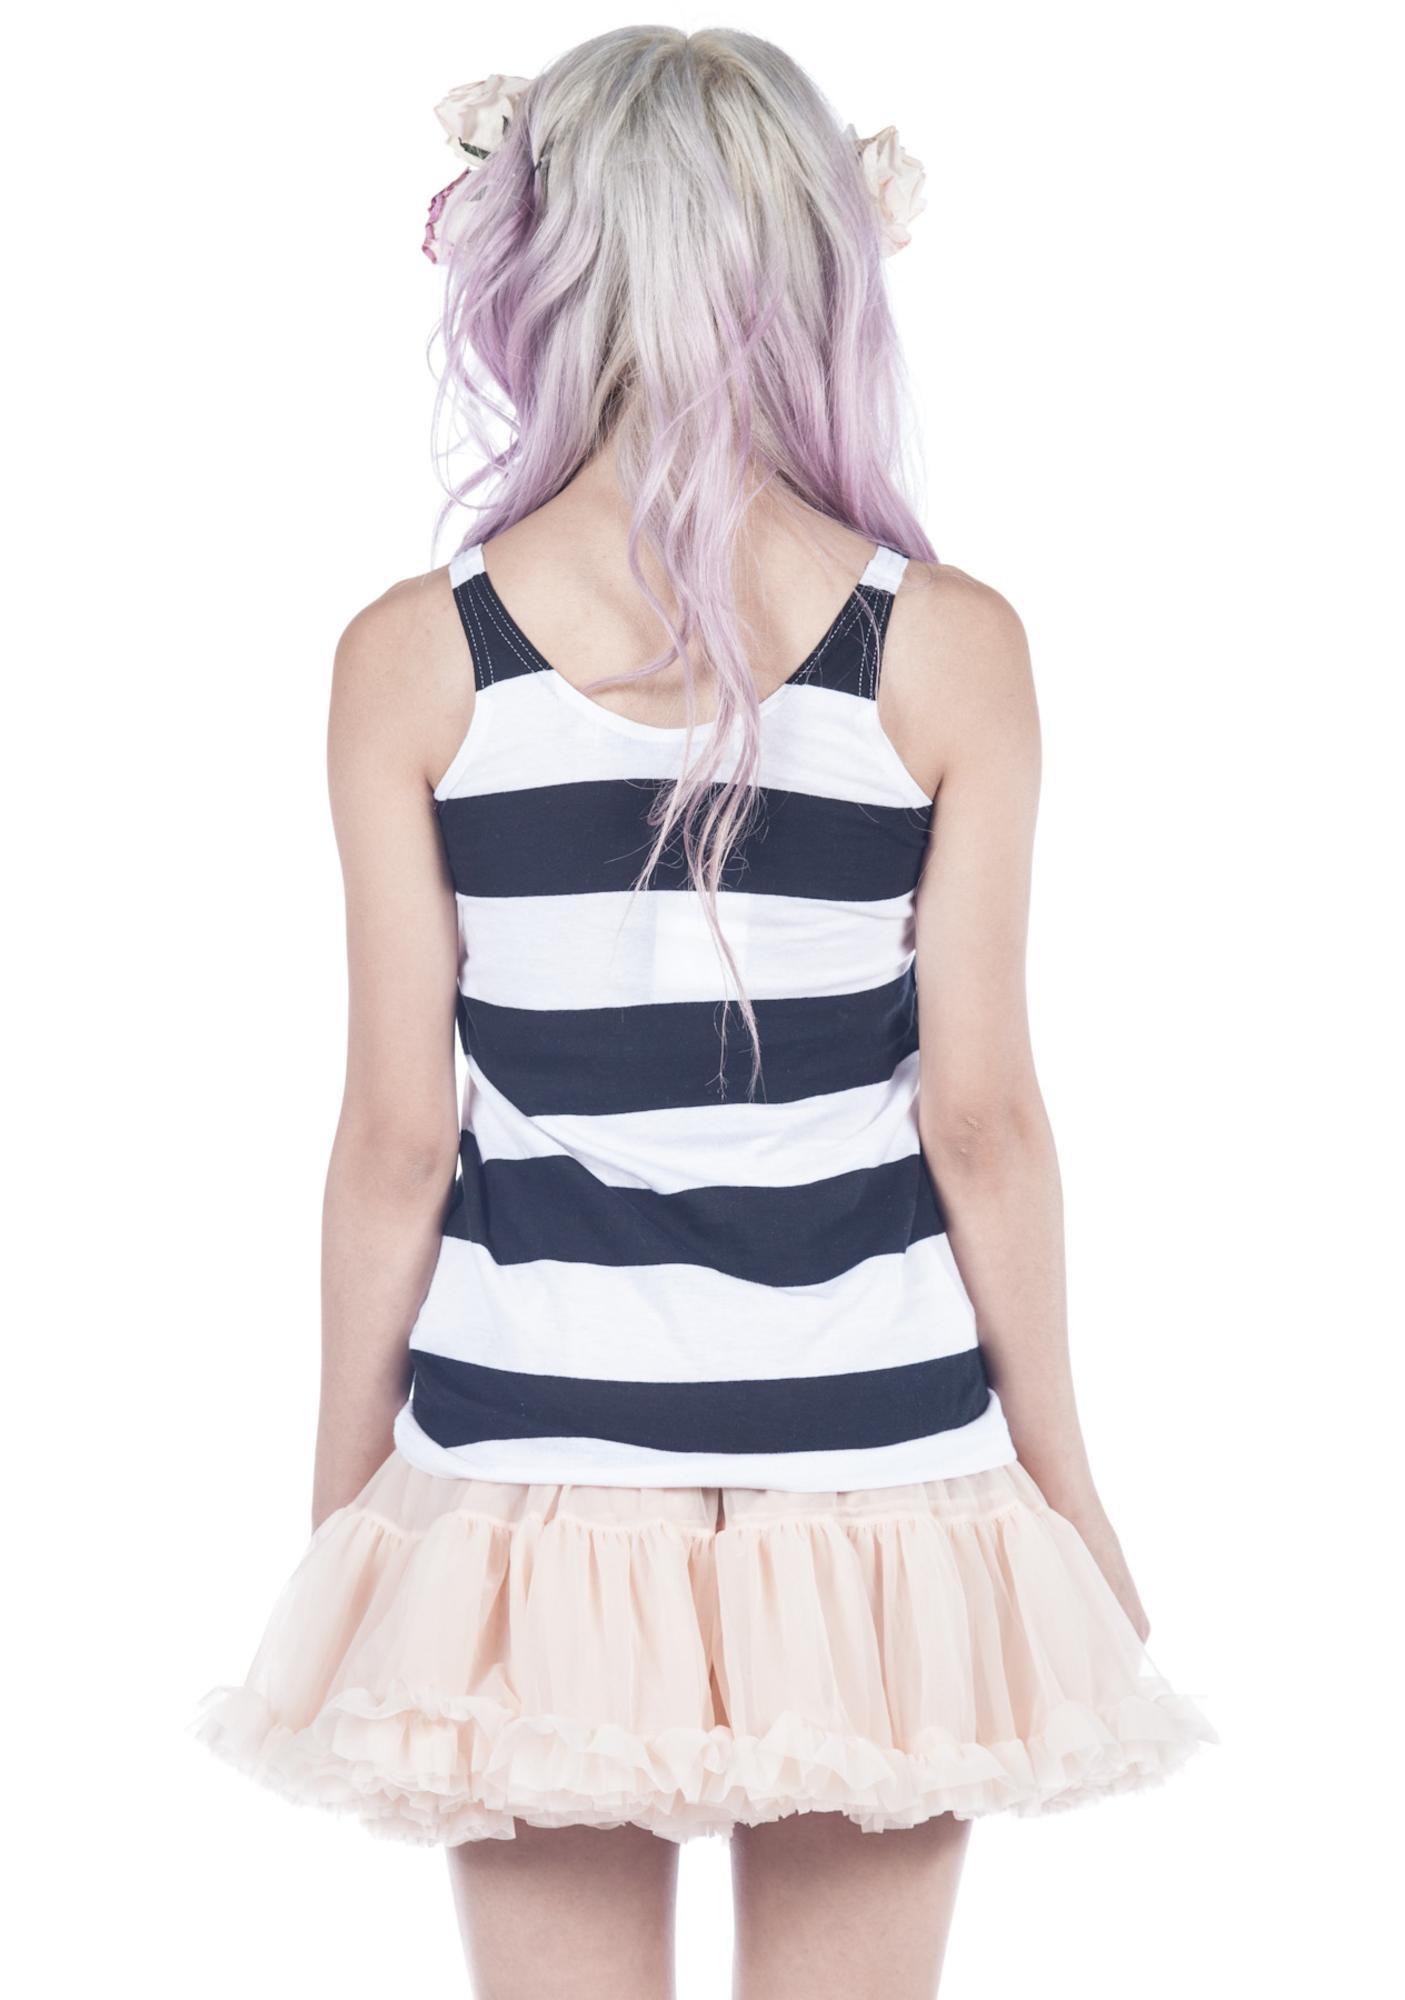 Joyrich I'm Cute Stripe Tank